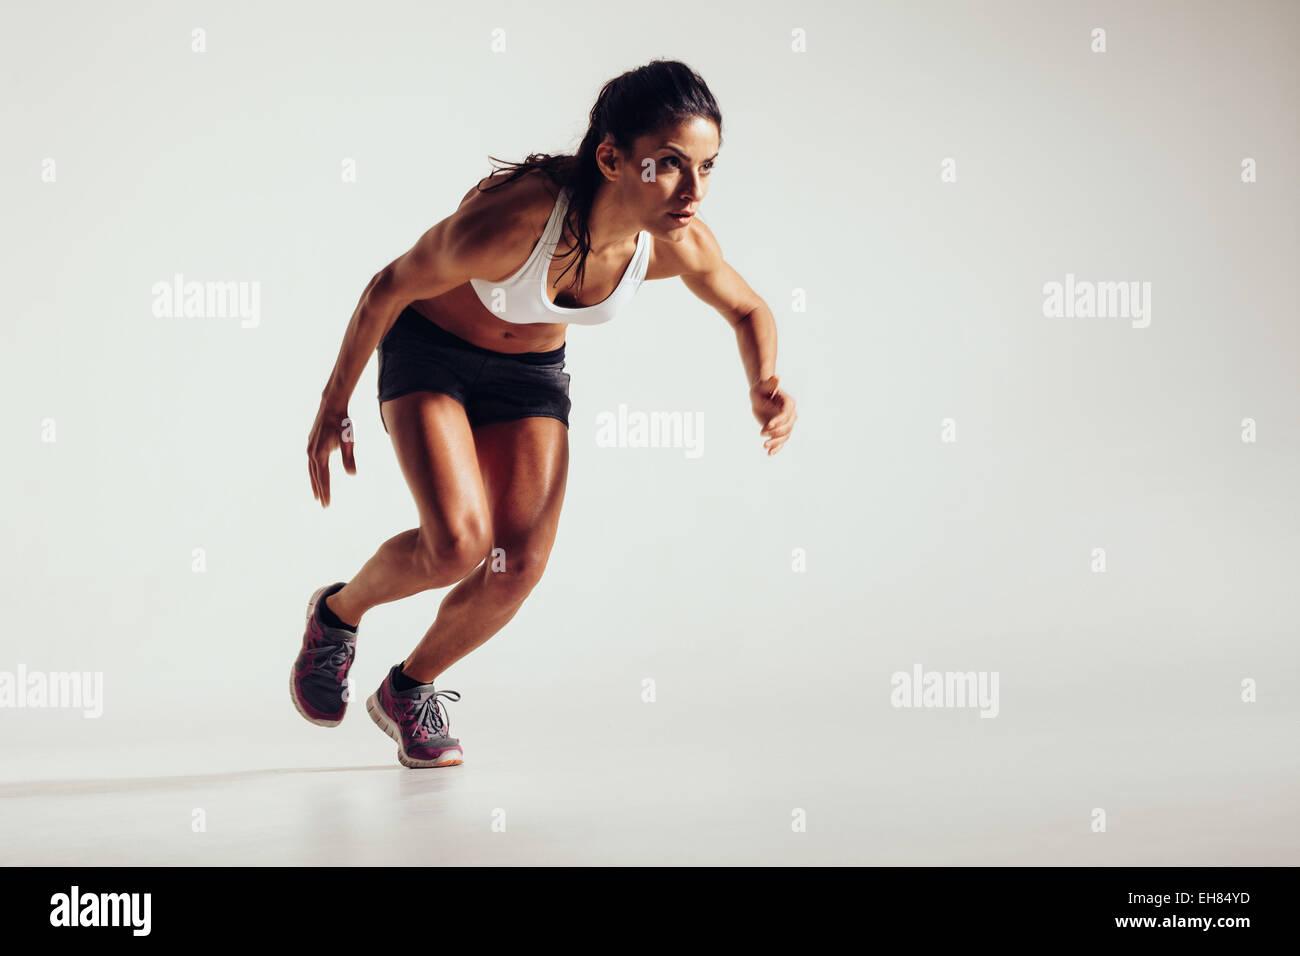 Joven comienza a correr y acelera con fondo gris. Potente joven atleta femenina girando en la competencia. Imagen De Stock